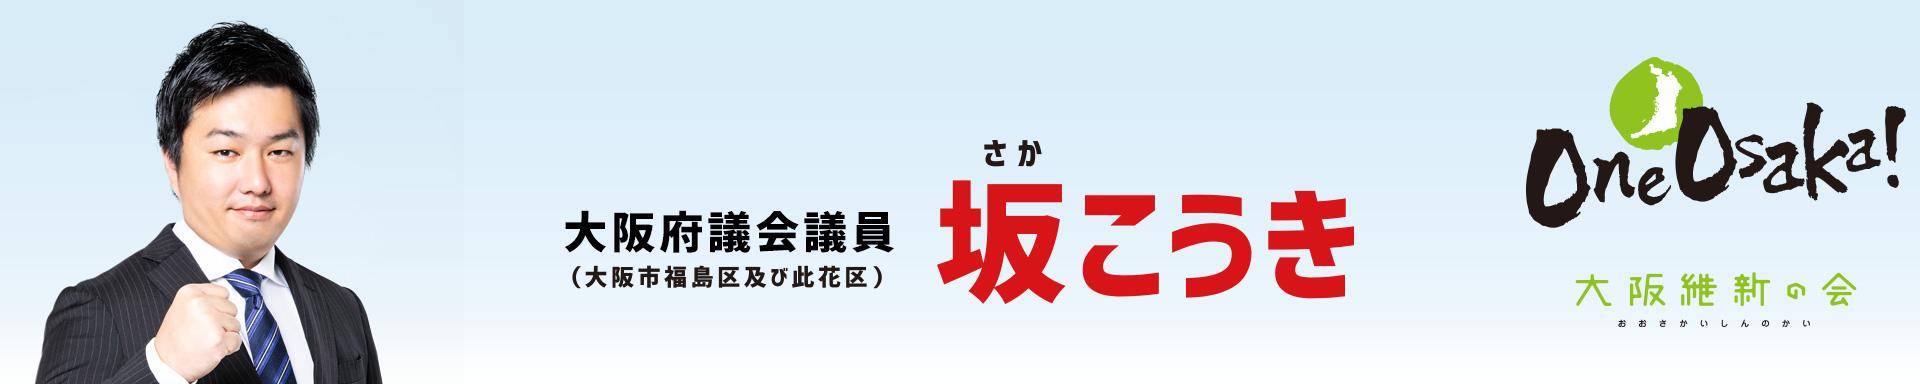 府政対策委員(大阪市福島区及び此花区)坂こうき